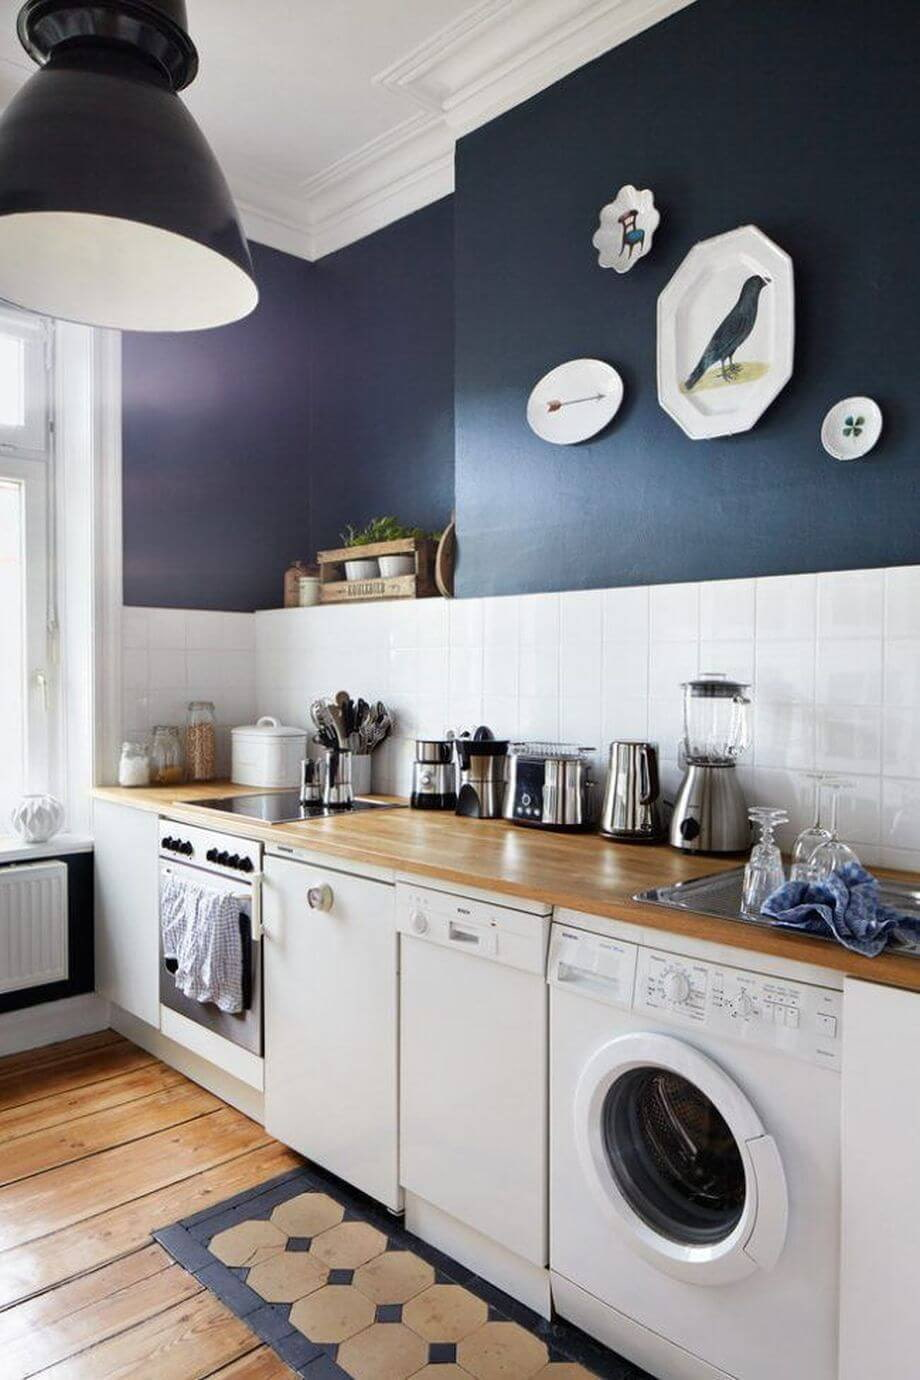 installation de la laveuse sous le comptoir